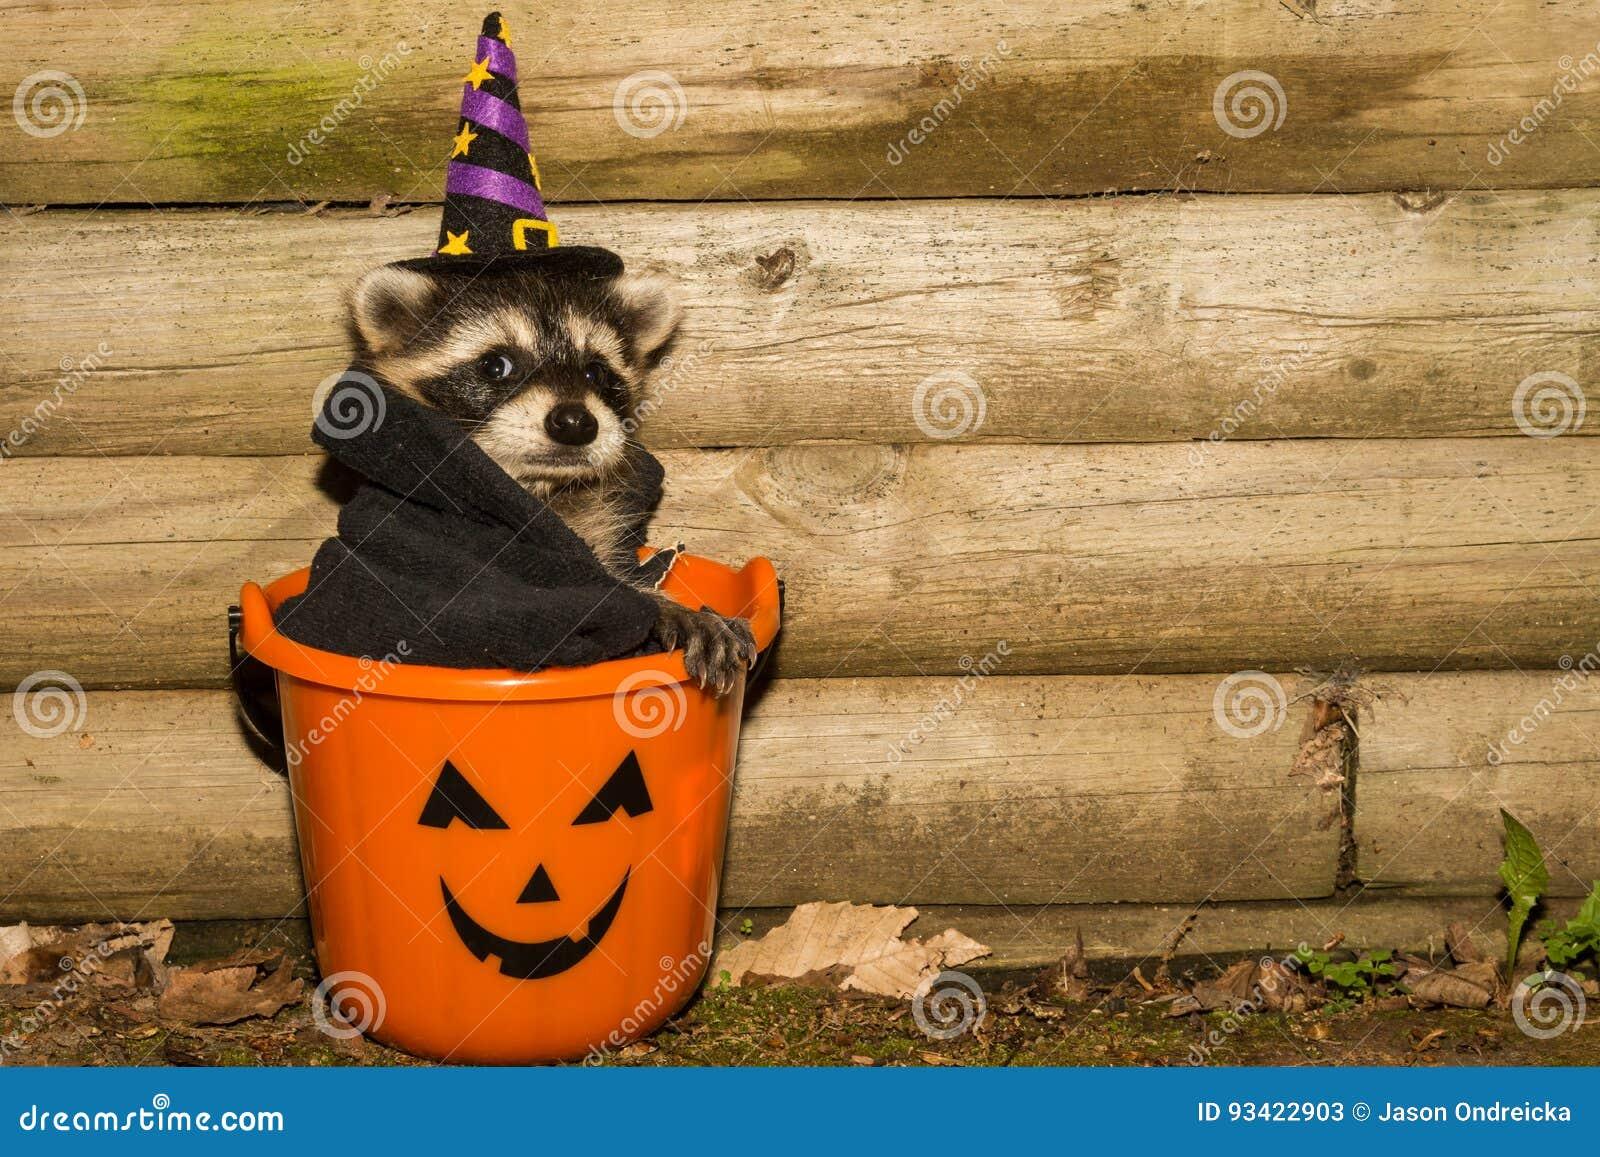 halloween raccoon stock image. image of curious, comical - 93422903